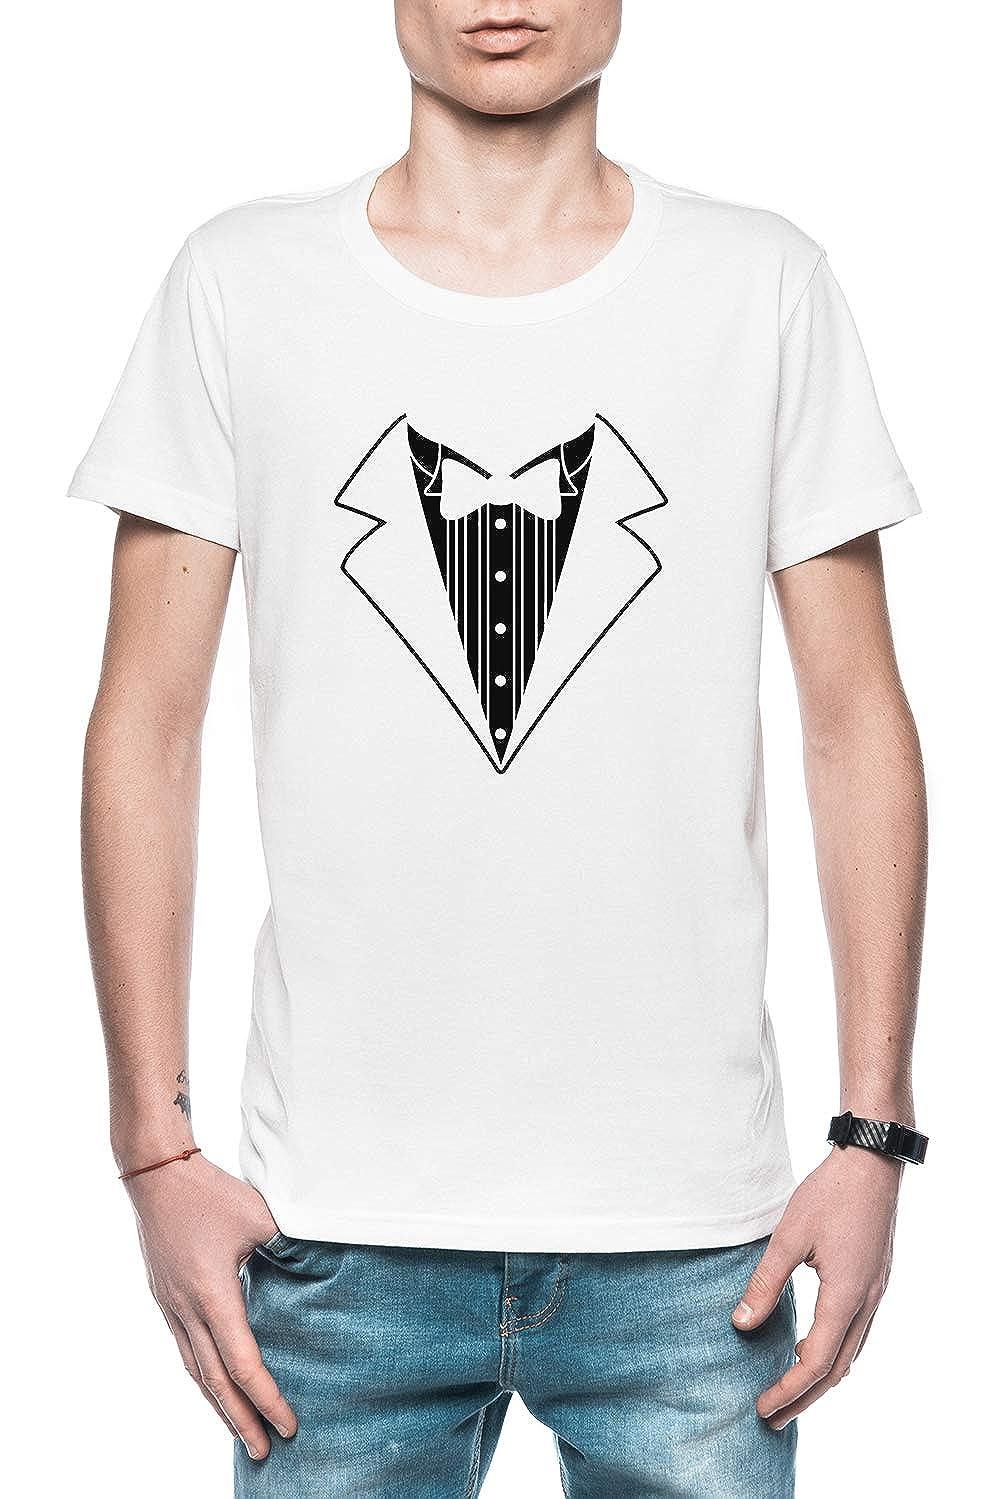 Falso Tux Smoking Traje Corbata Hombre Camiseta Blanco Todos Los ...